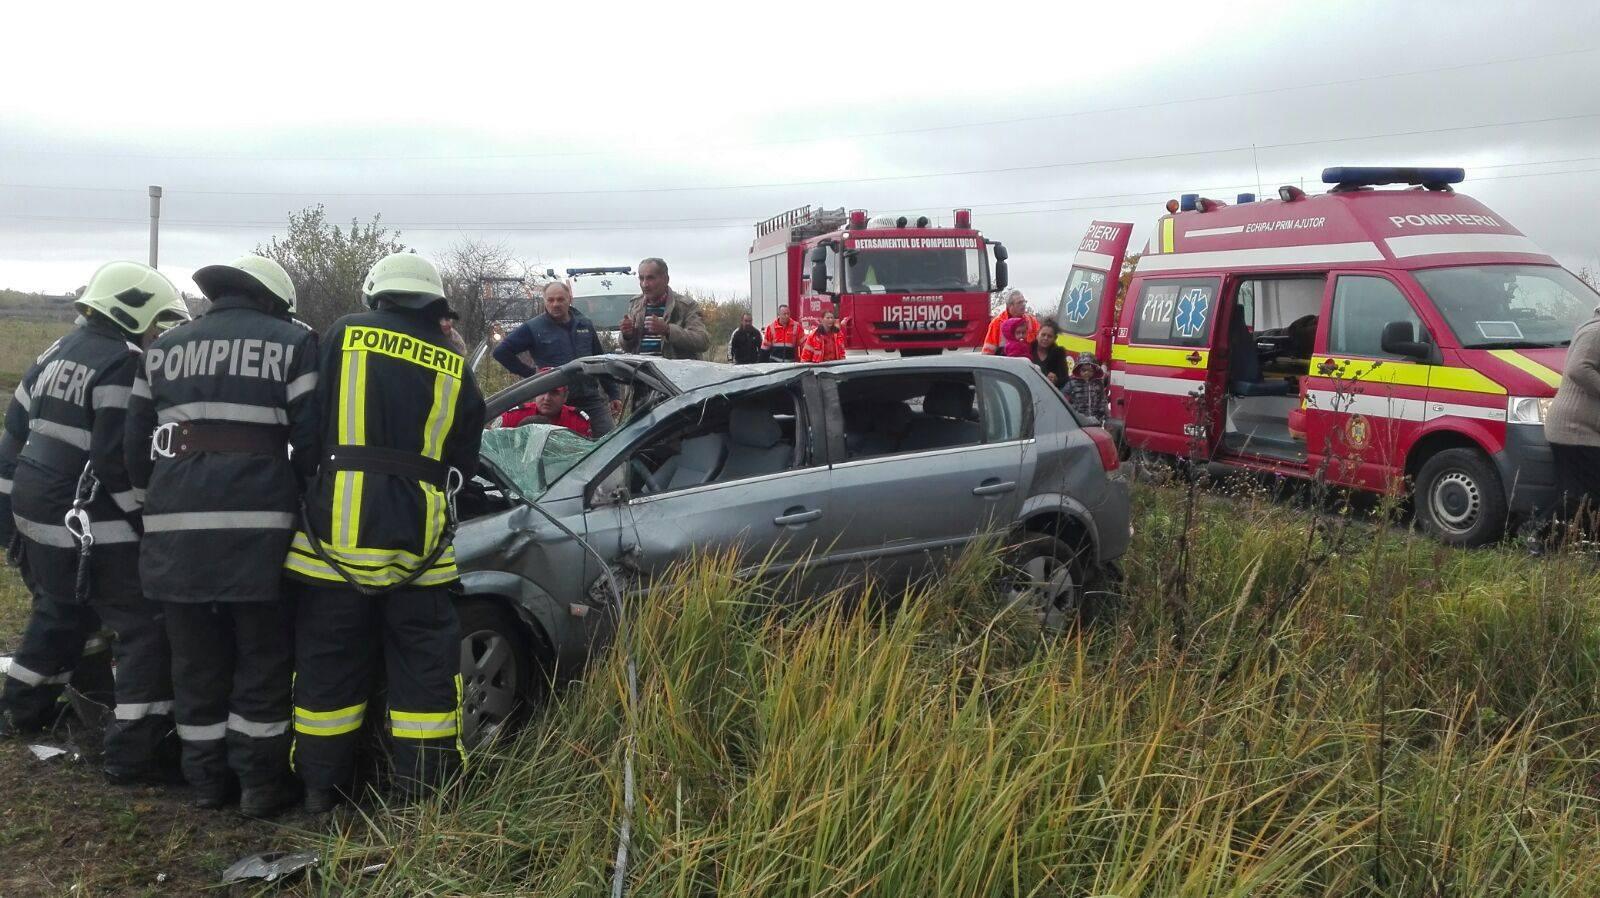 Trei persoane au fost rănite după ce maşina în care se aflau s-a răsturnat - FOTO